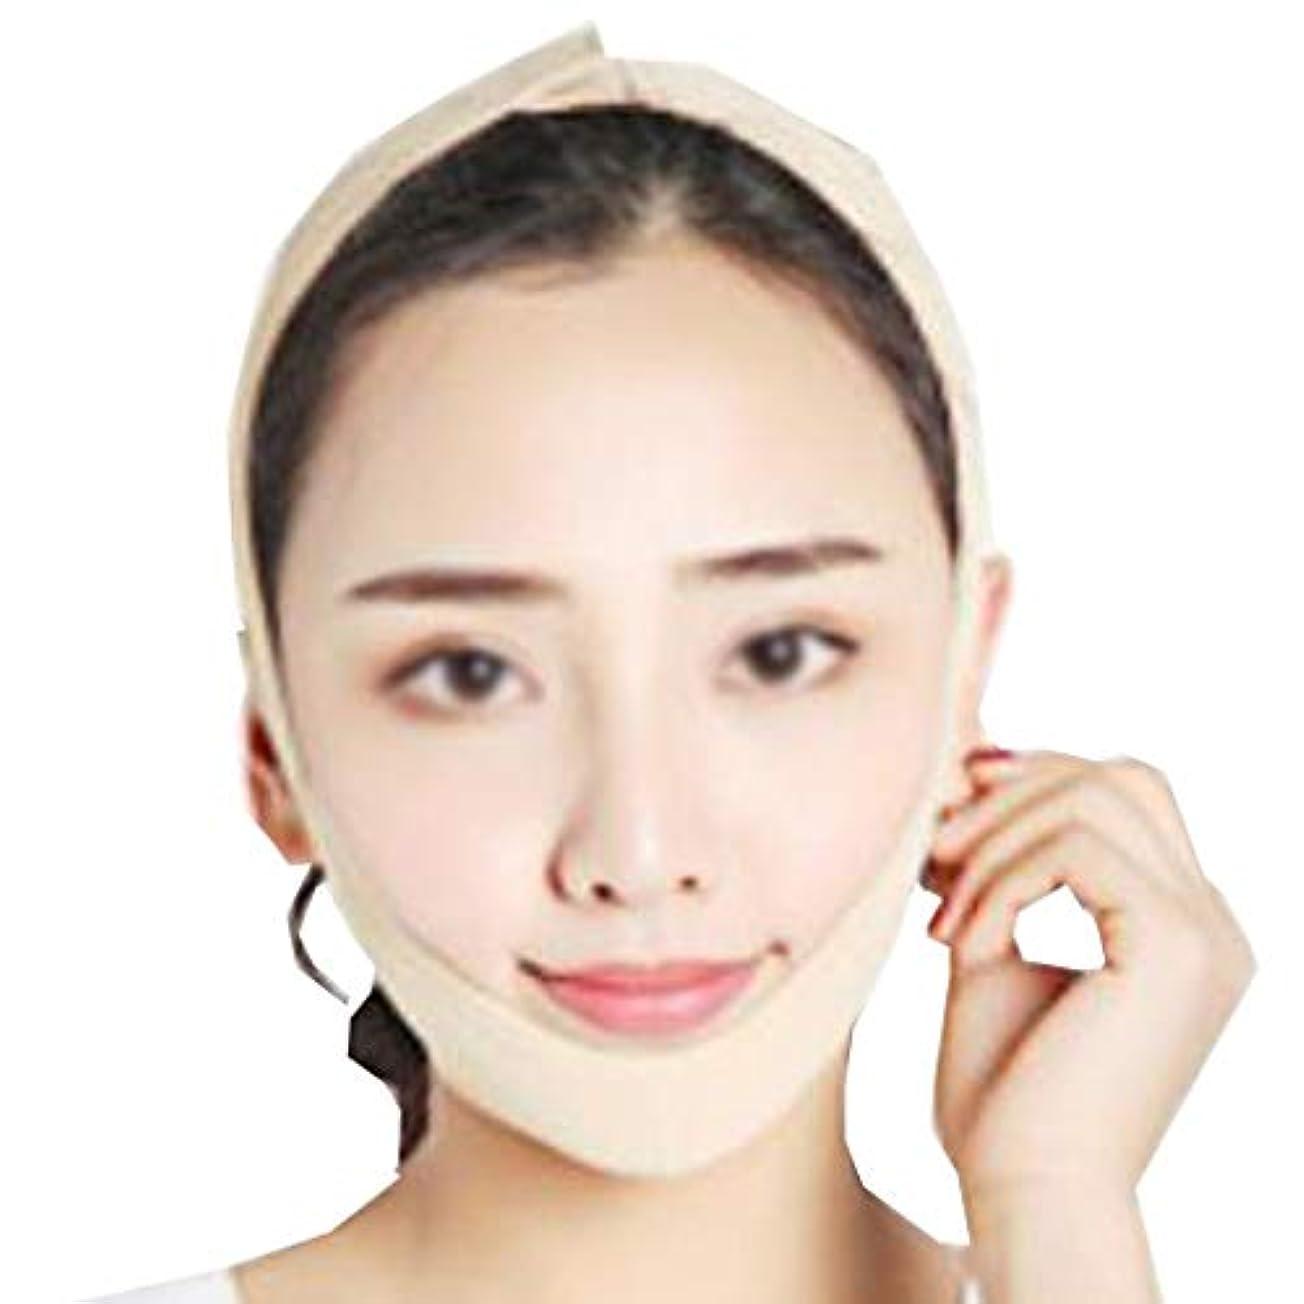 剃るウルルハードウェアZWBD フェイスマスク, 細い二重顎の下の小さなVの顔の薄い顔の包帯ライン切り分ける術後の回復マスクの表面持ち上がるヘッドギアの束